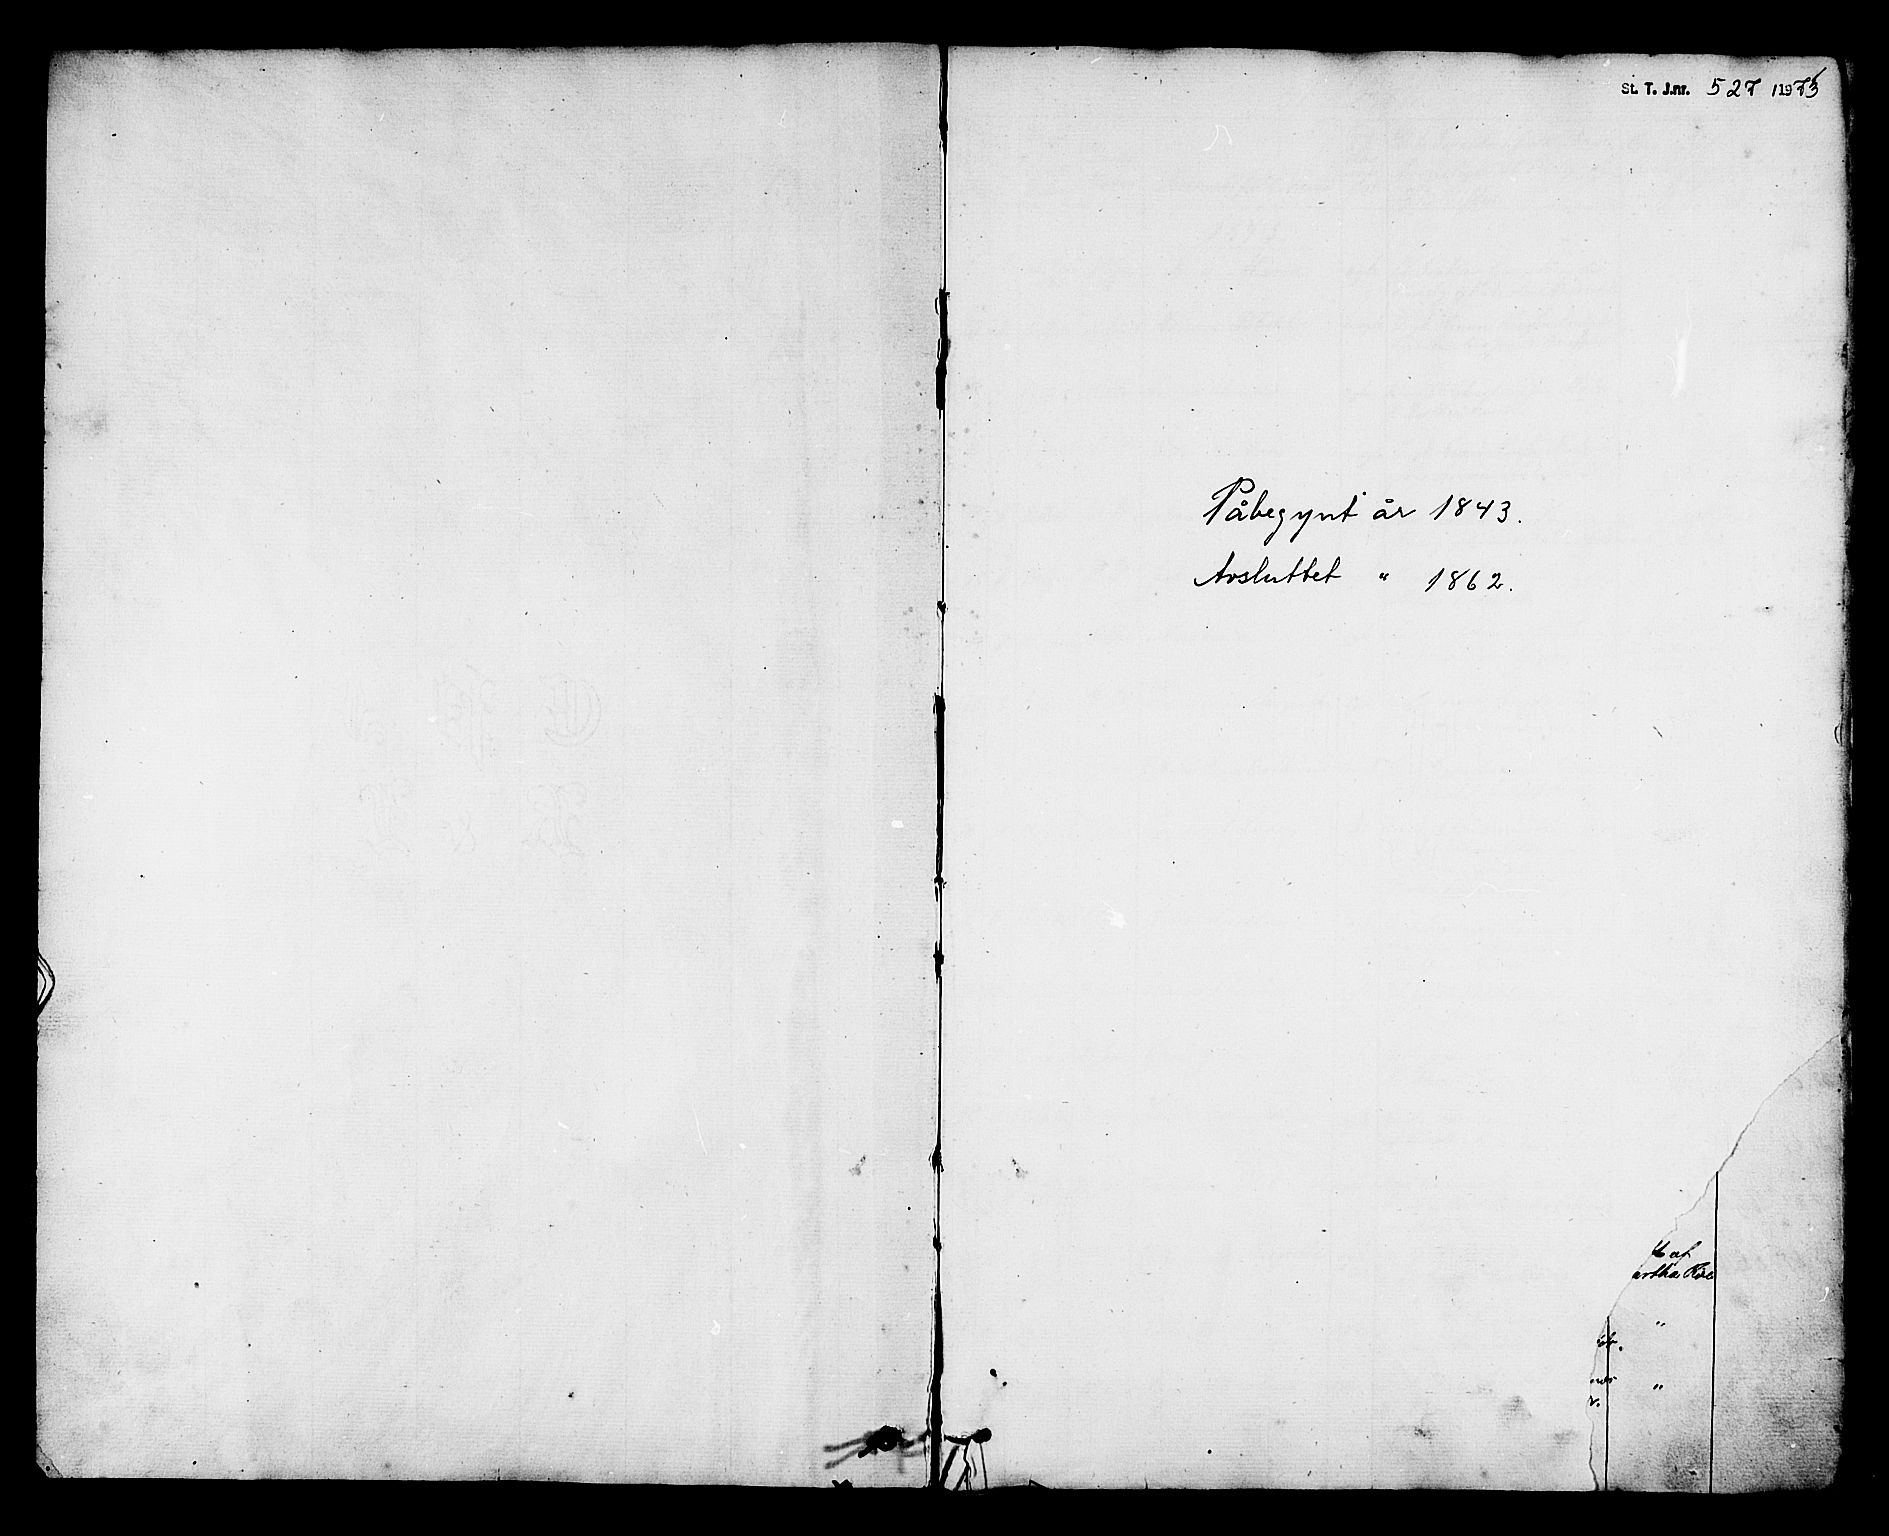 SAT, Ministerialprotokoller, klokkerbøker og fødselsregistre - Nord-Trøndelag, 788/L0695: Ministerialbok nr. 788A02, 1843-1862